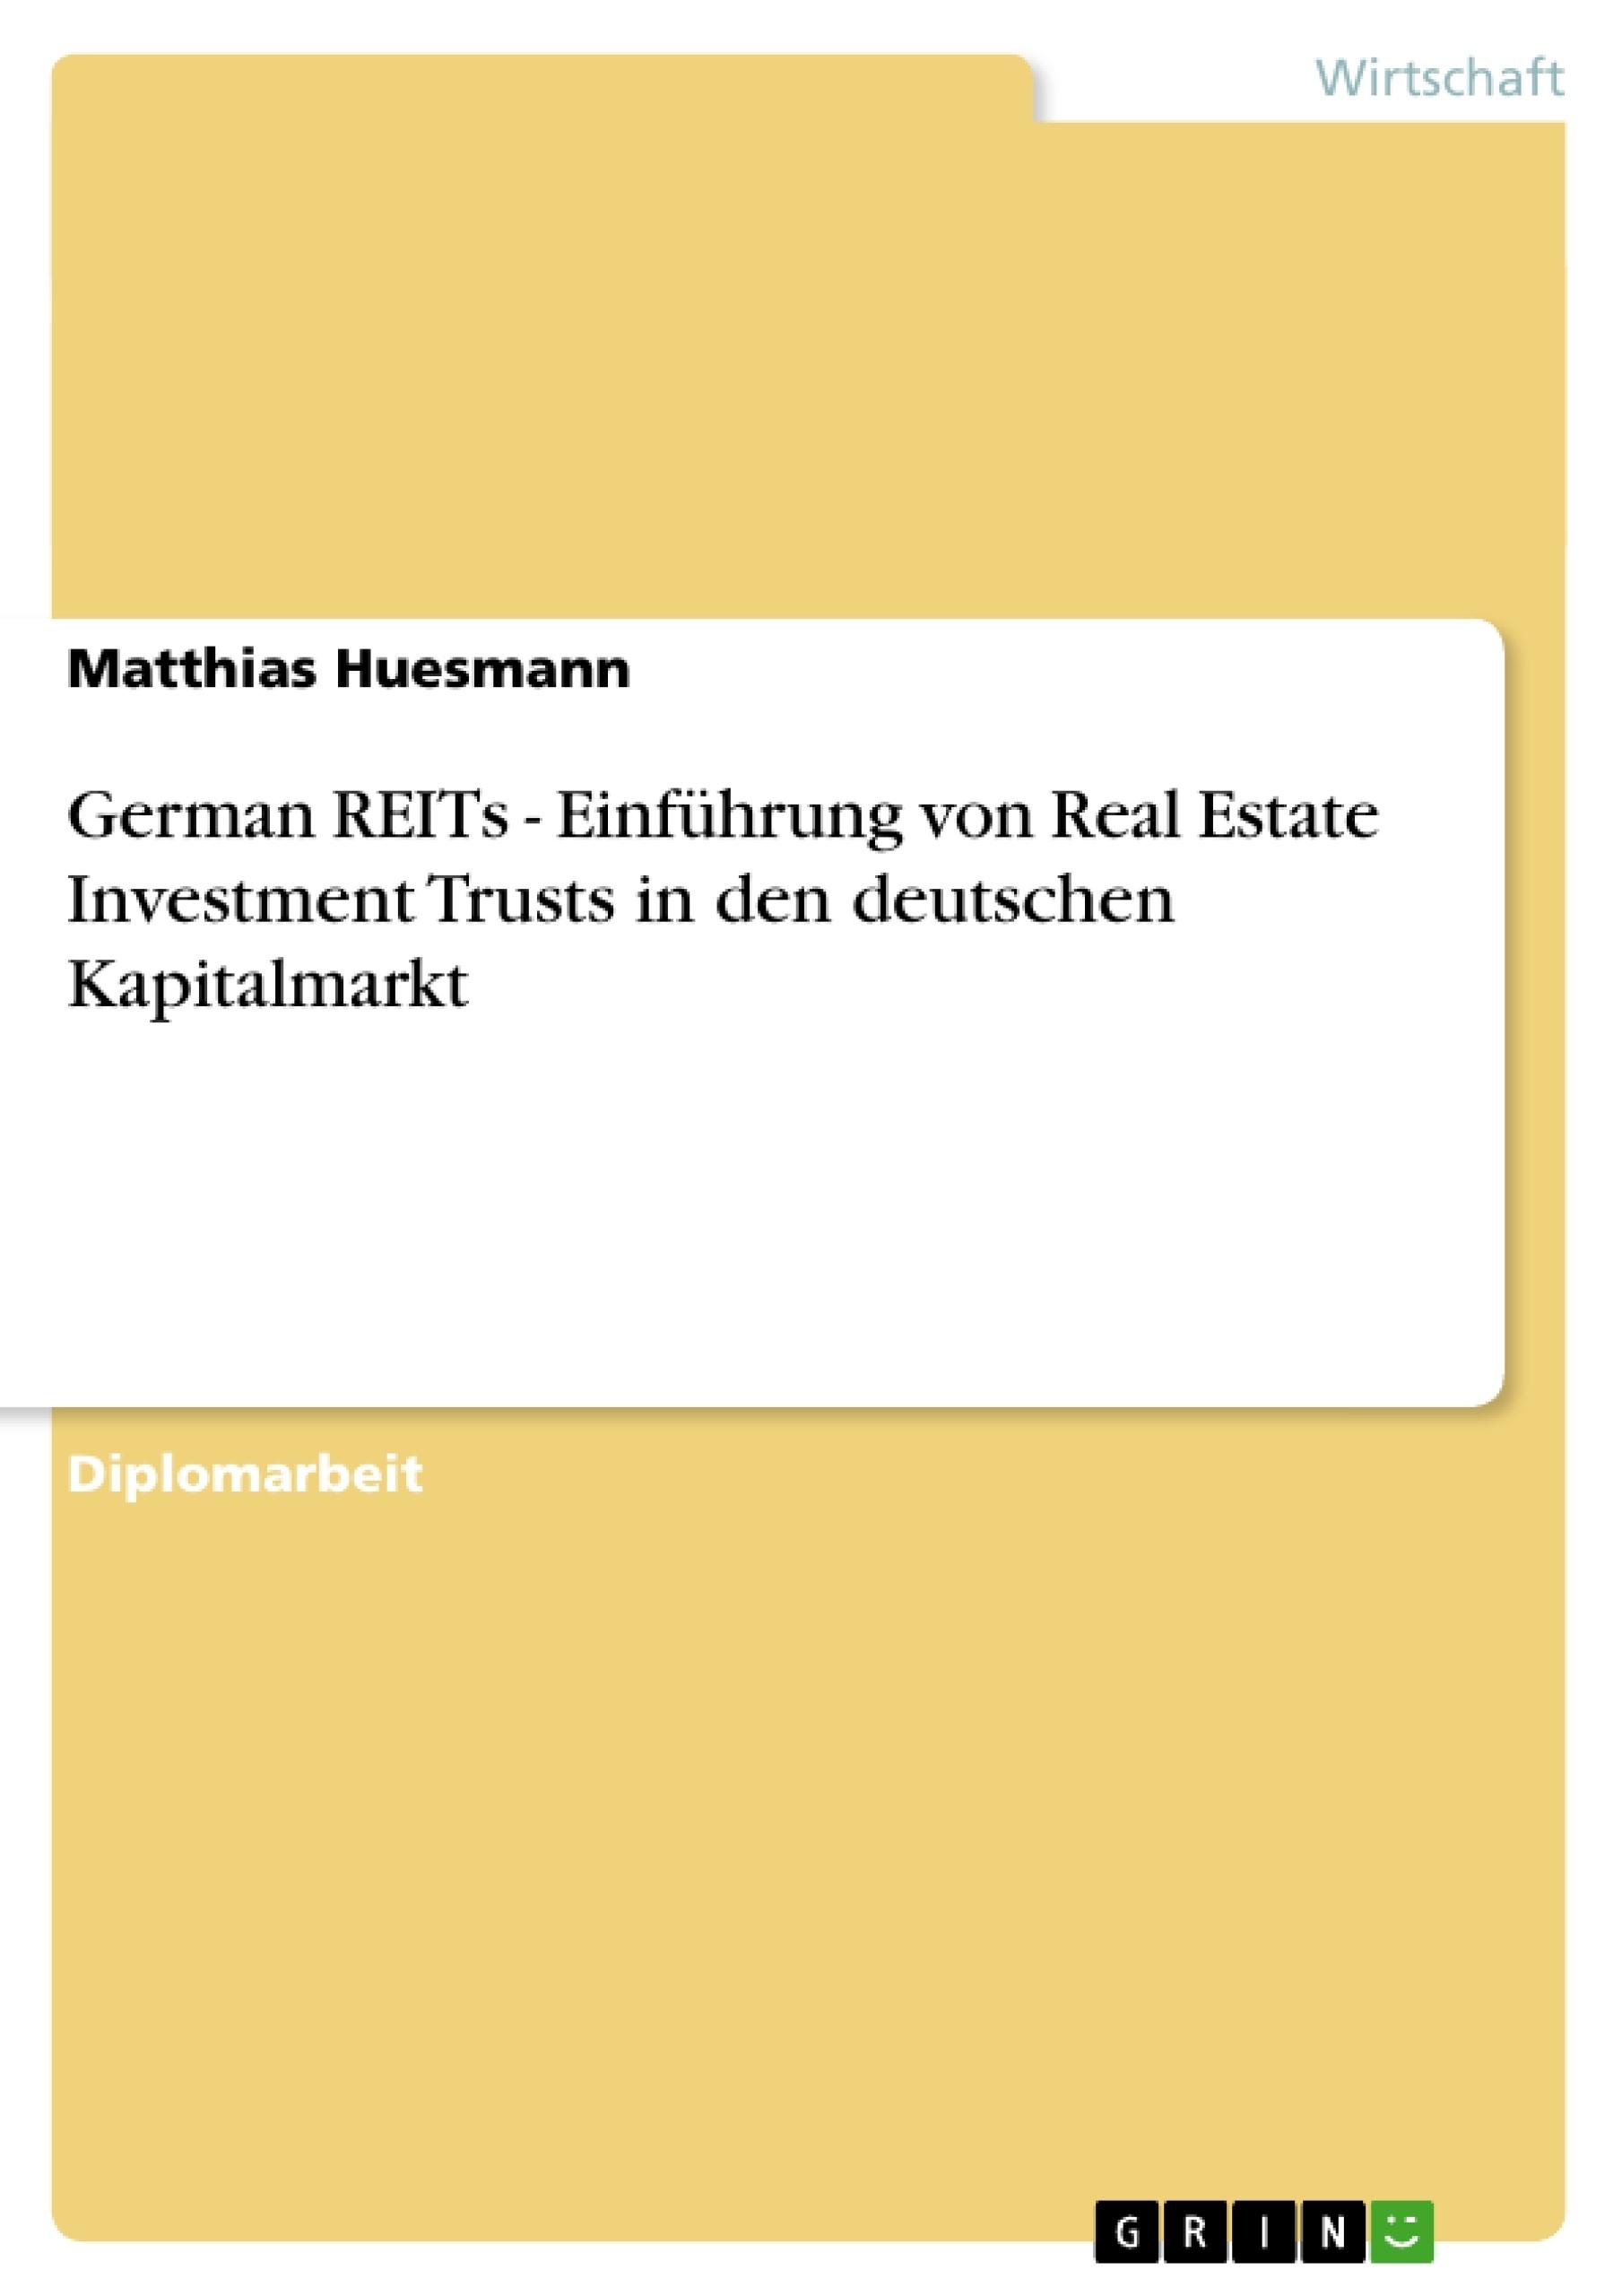 Titel: German REITs - Einführung von Real Estate Investment Trusts in den deutschen Kapitalmarkt